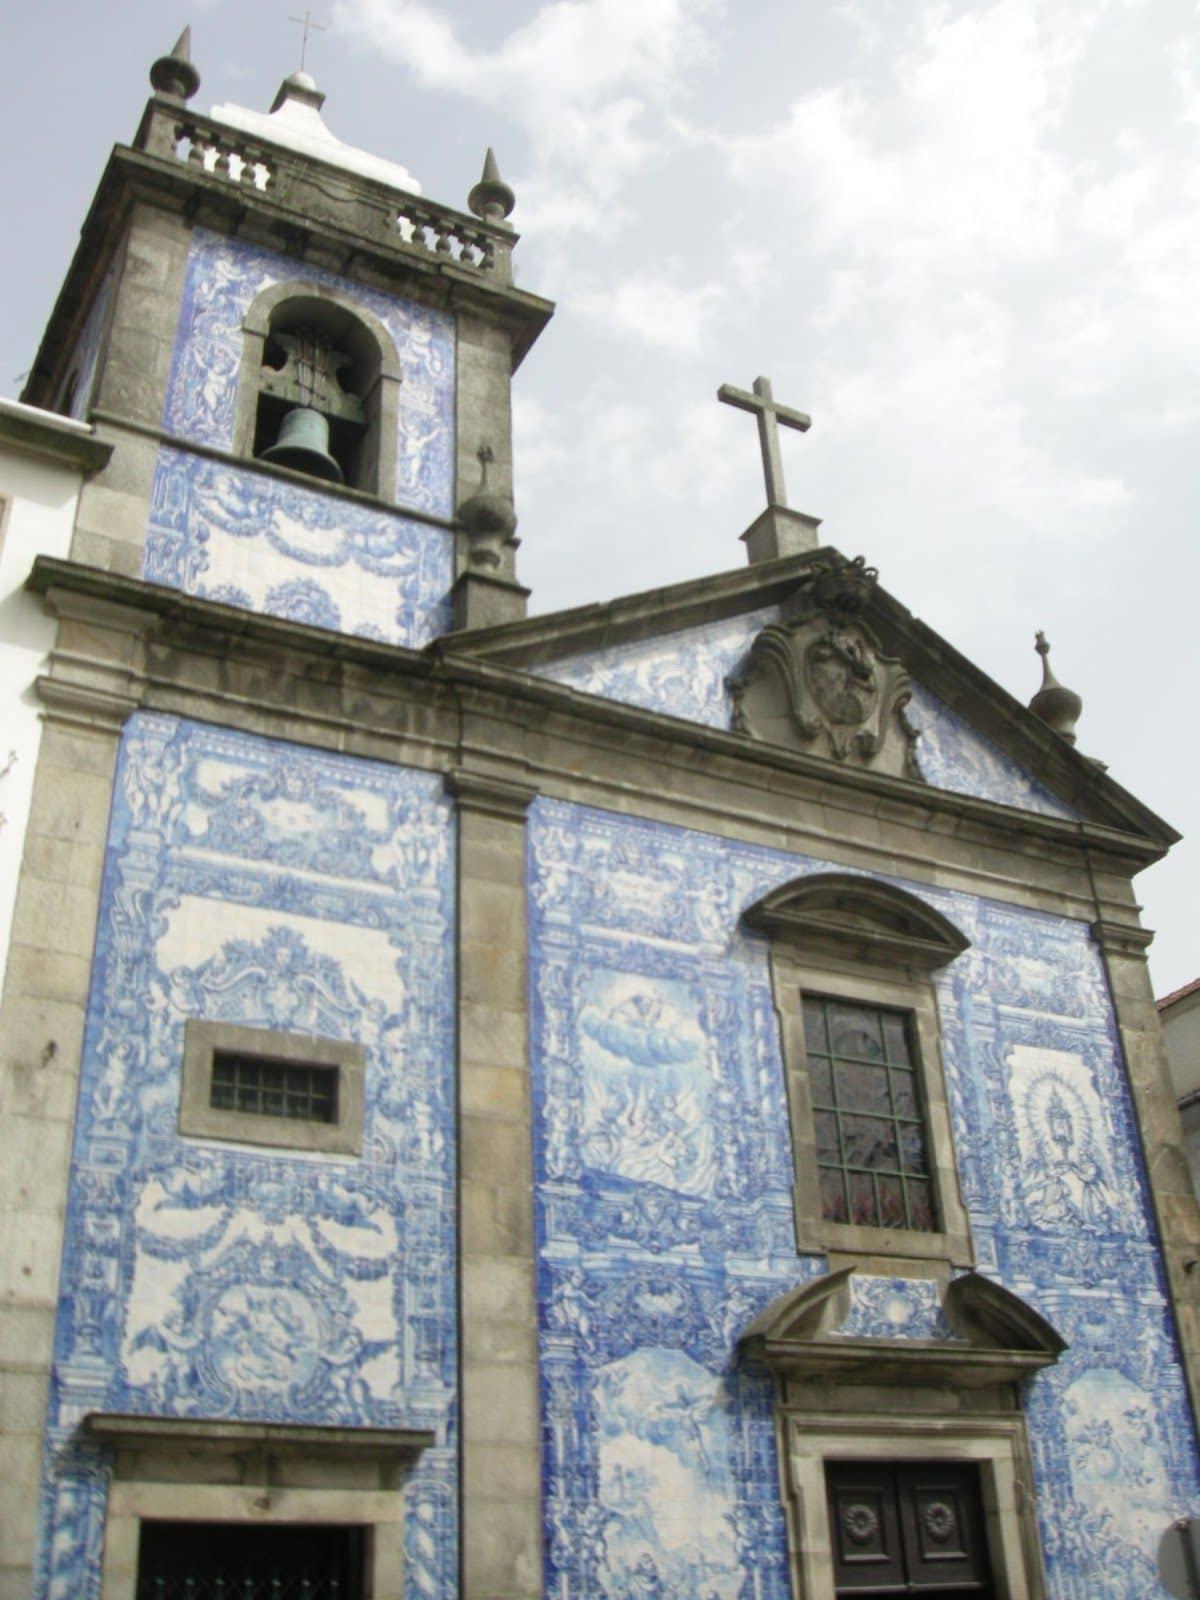 Iglesia San Nicolau, Oporto